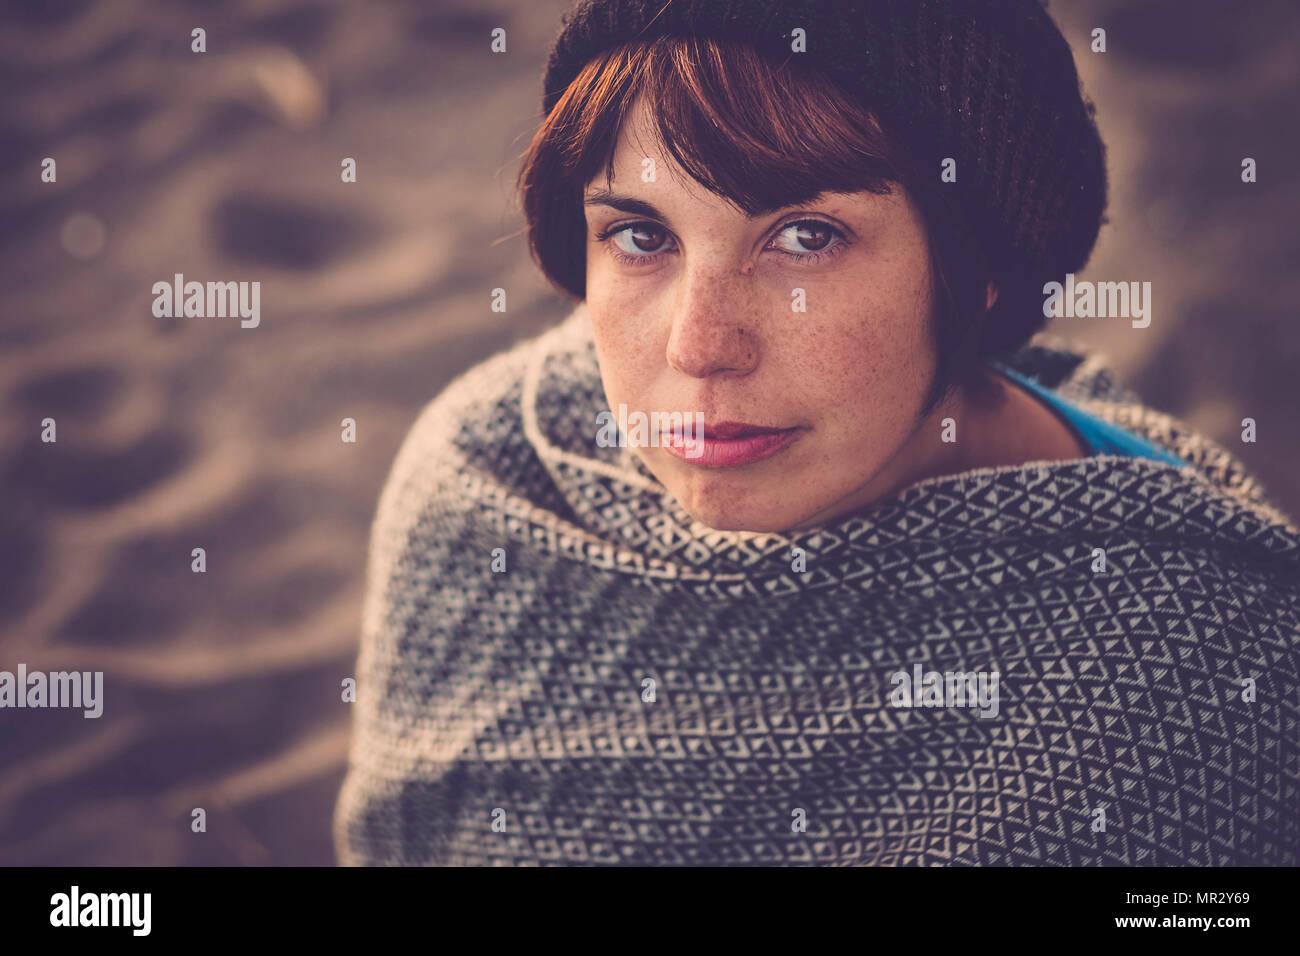 Belle jeune femme portrait dans le style vintage filtre. regarder la caméra avec des taches de rousseur sur le visage Photo Stock